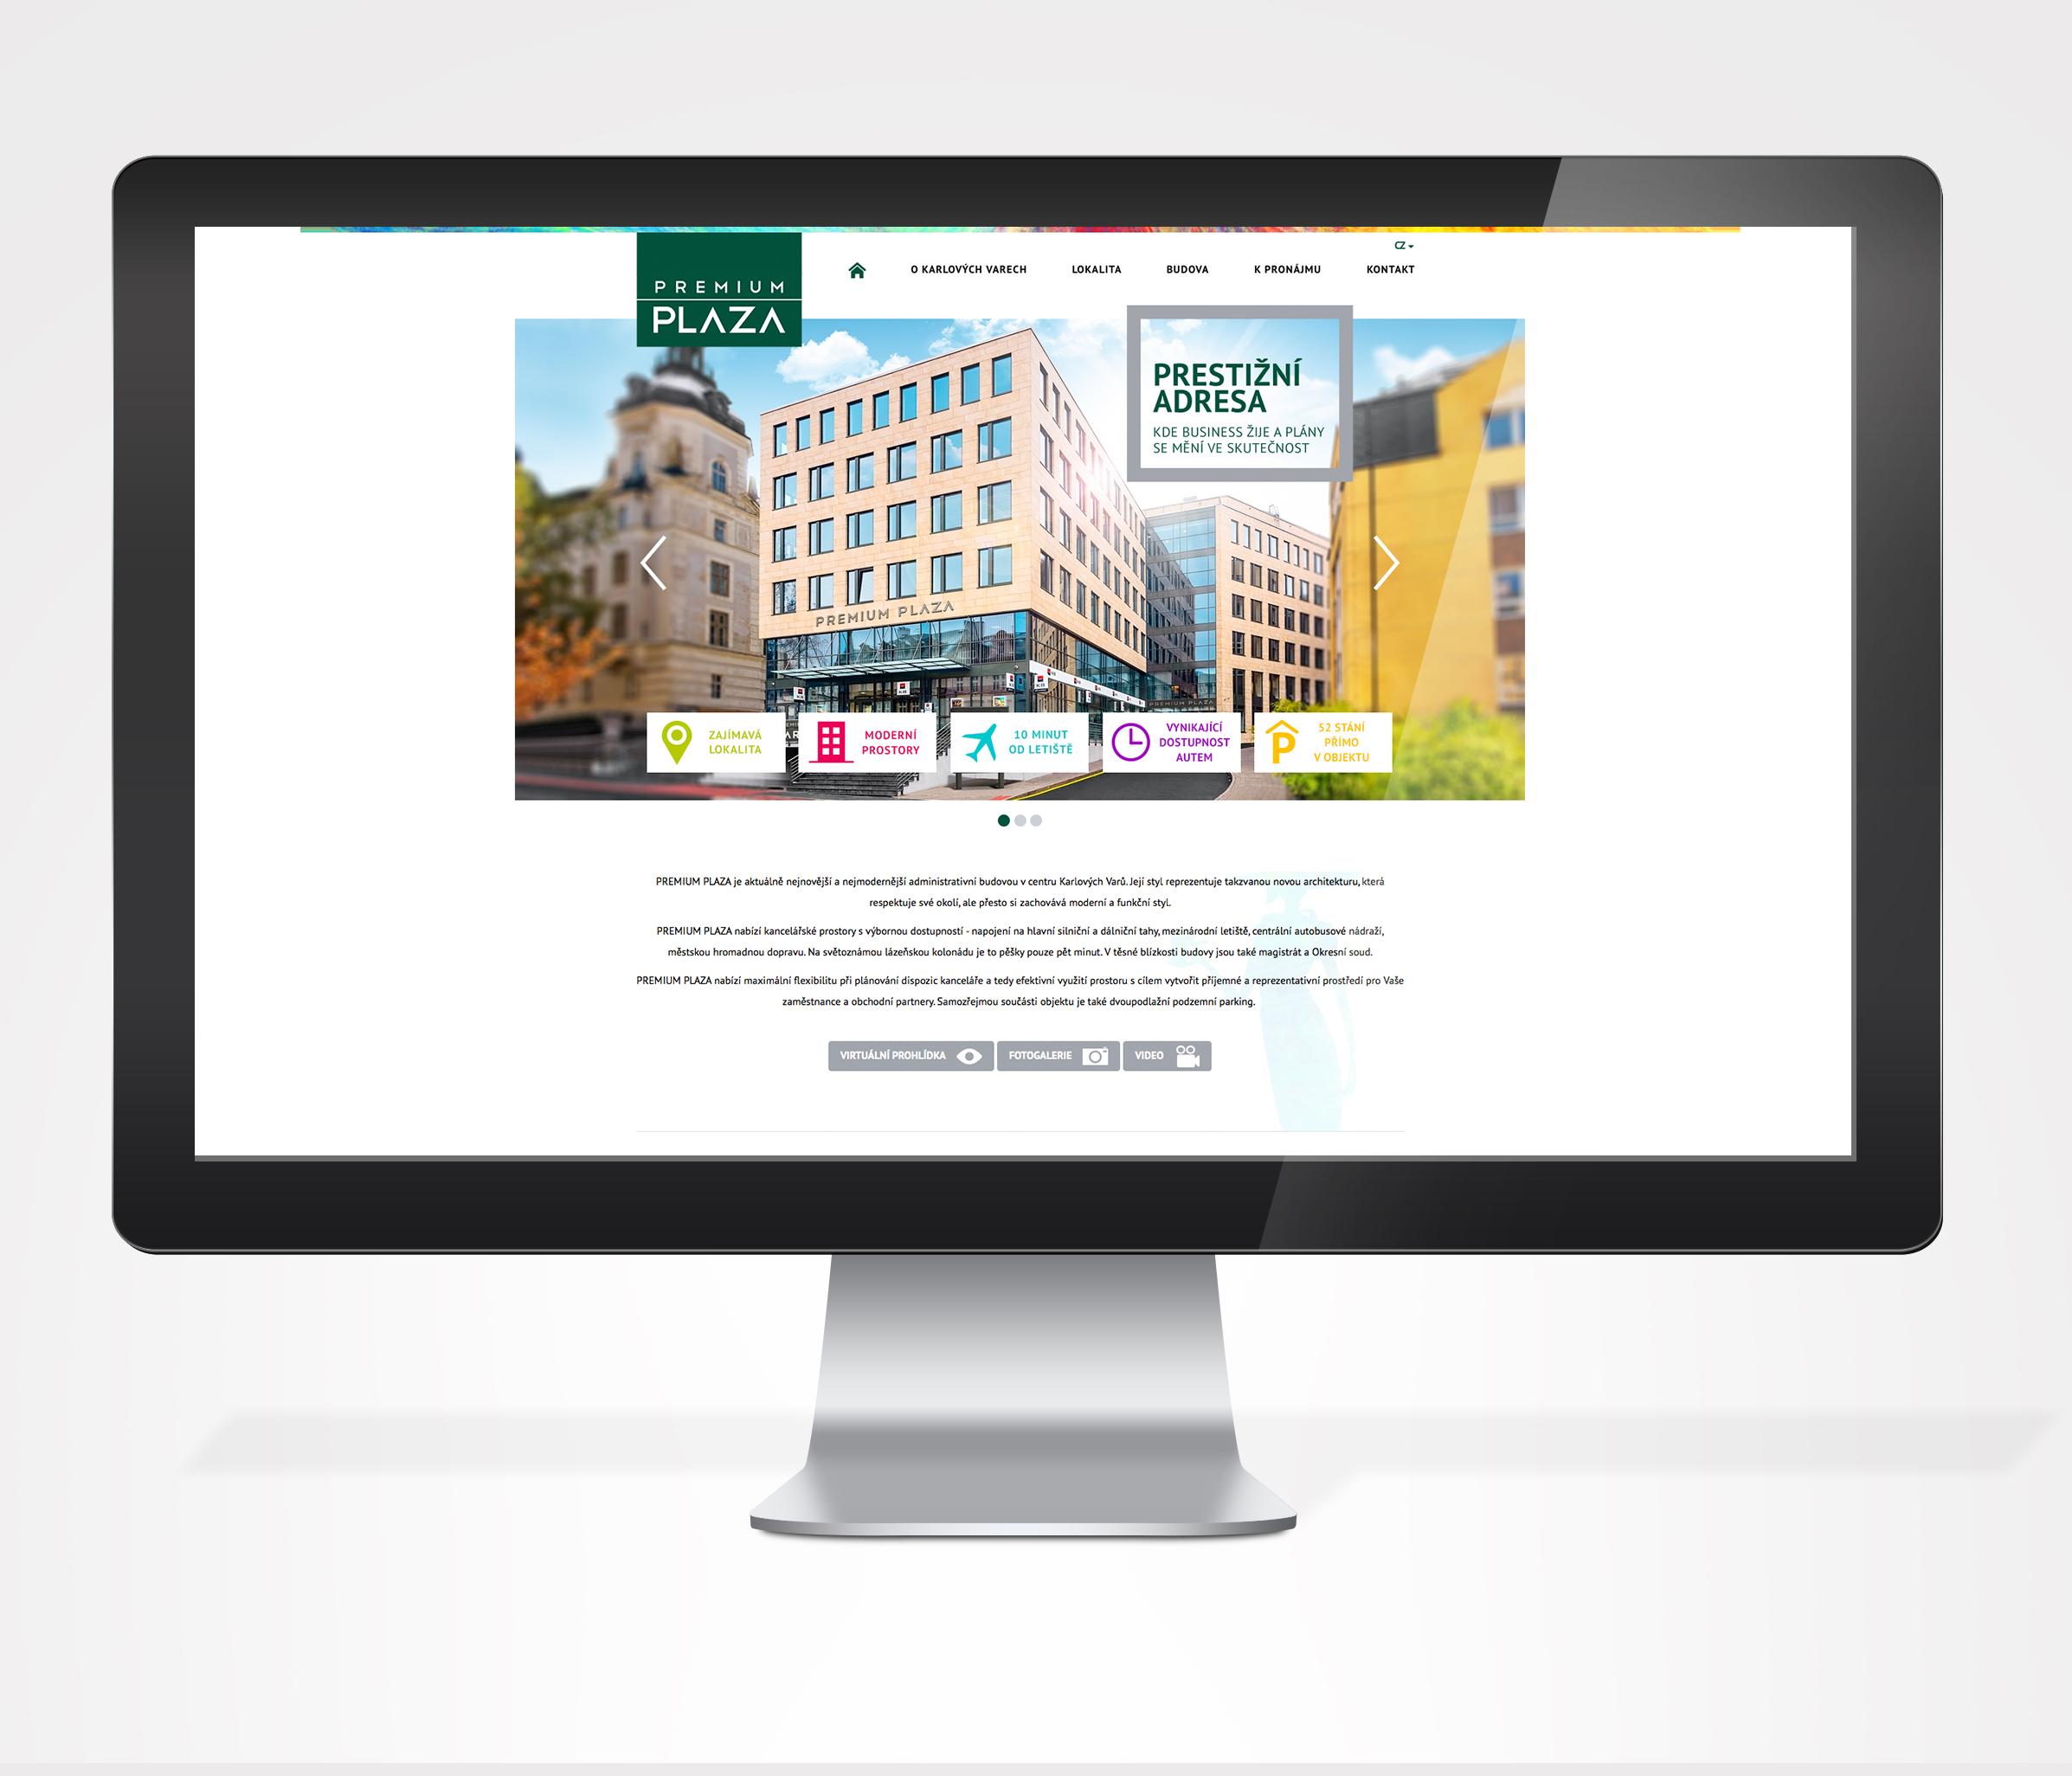 Webdesign Premium Plaza